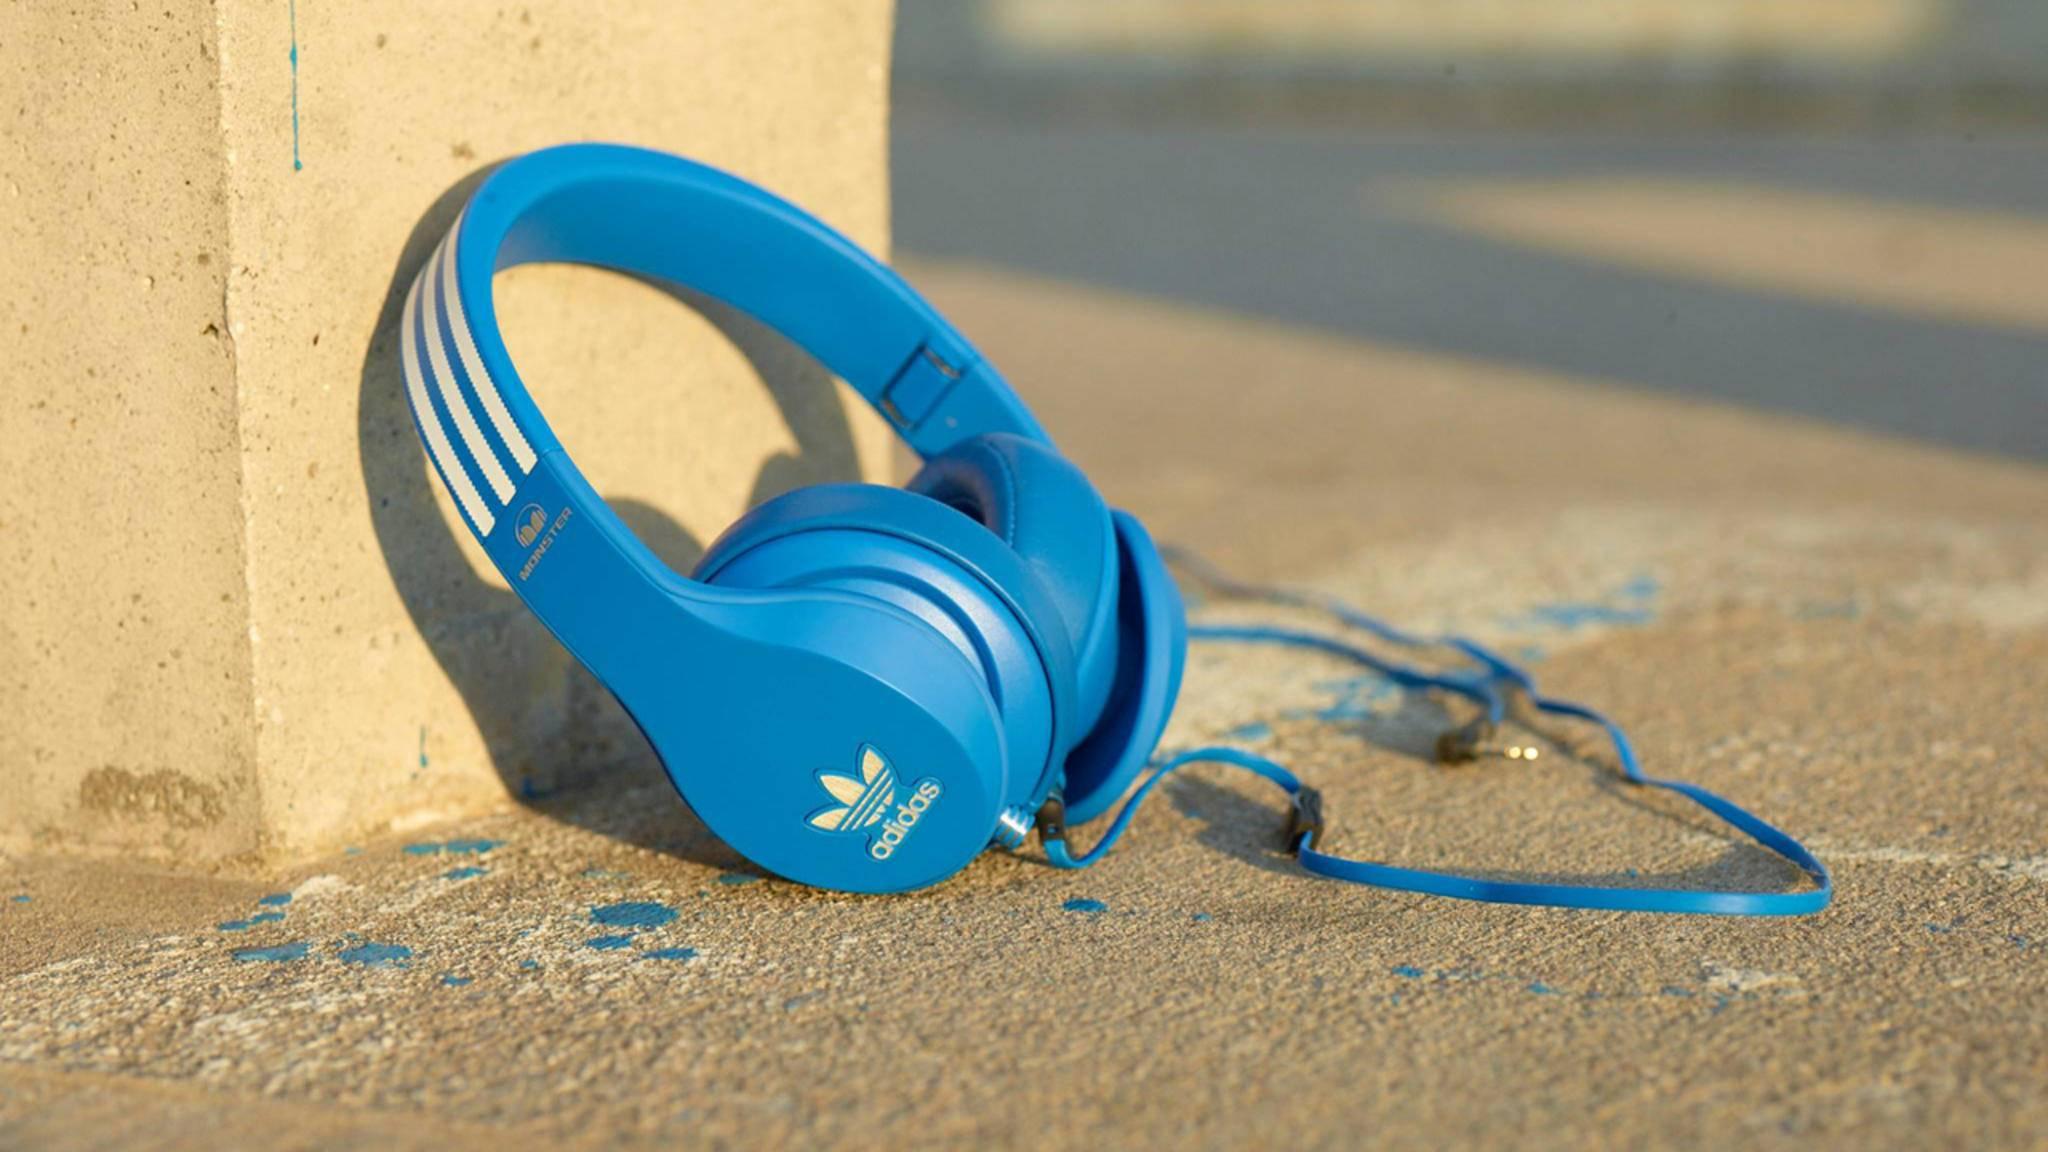 Sportartikel-Hersteller Adidas hat bereits Kopfhörer auf den Markt gebracht (s.o.). So stylish wie die neuen Kreationen eines US-Designers sind die Modelle aber nicht.